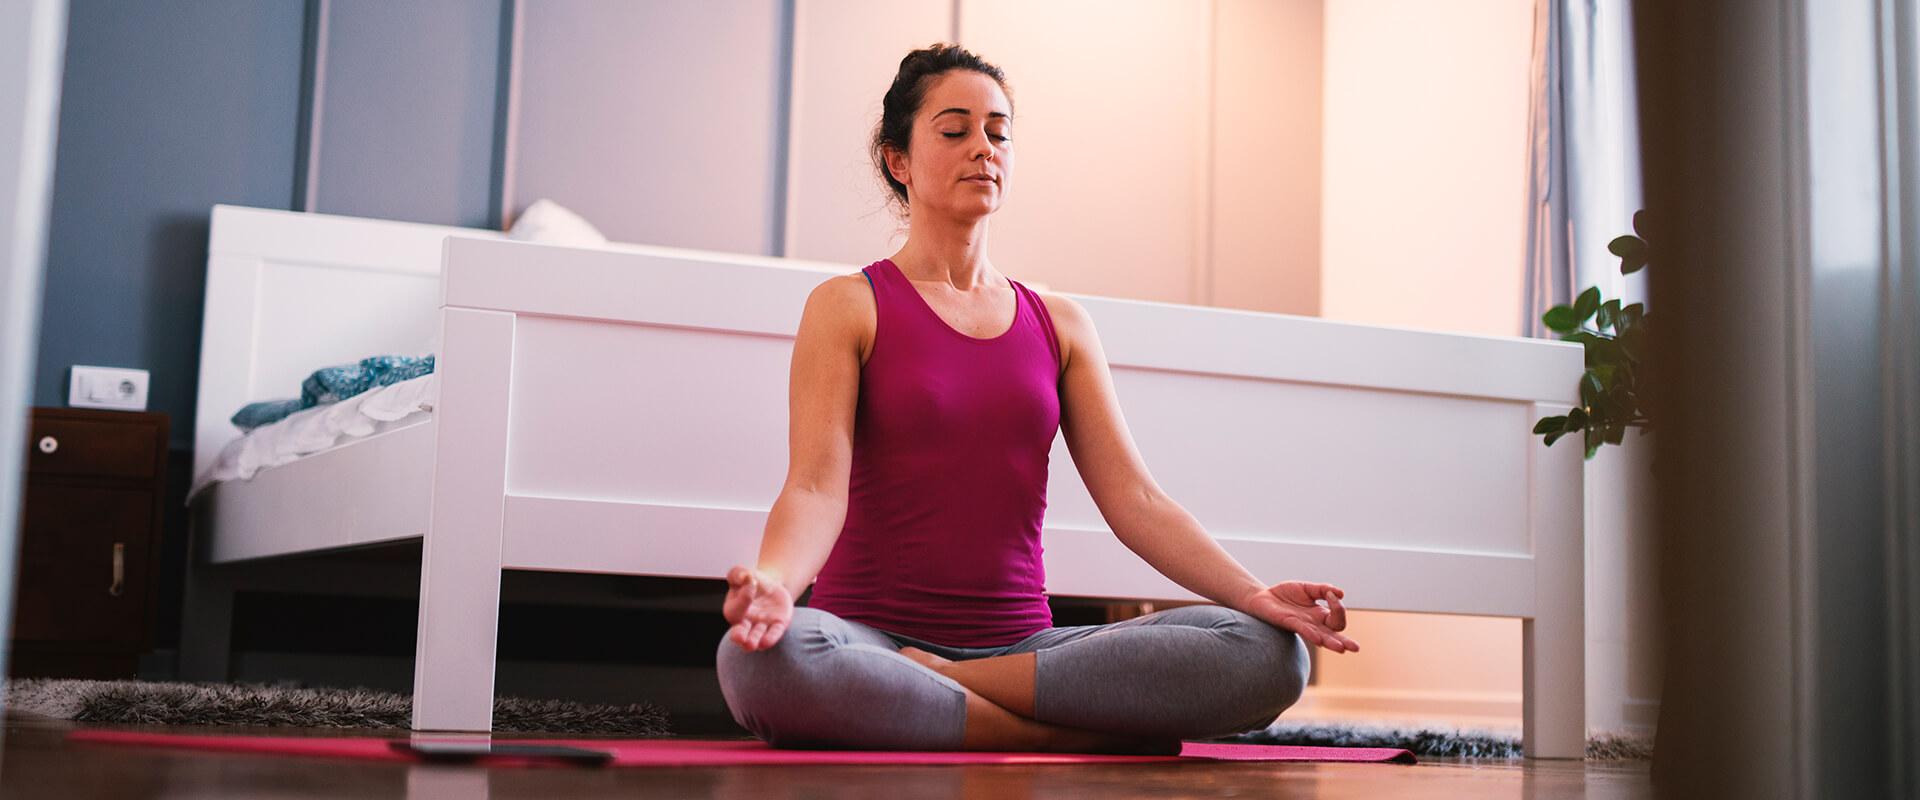 mujer-yoga-dormir-insomnio-almohada